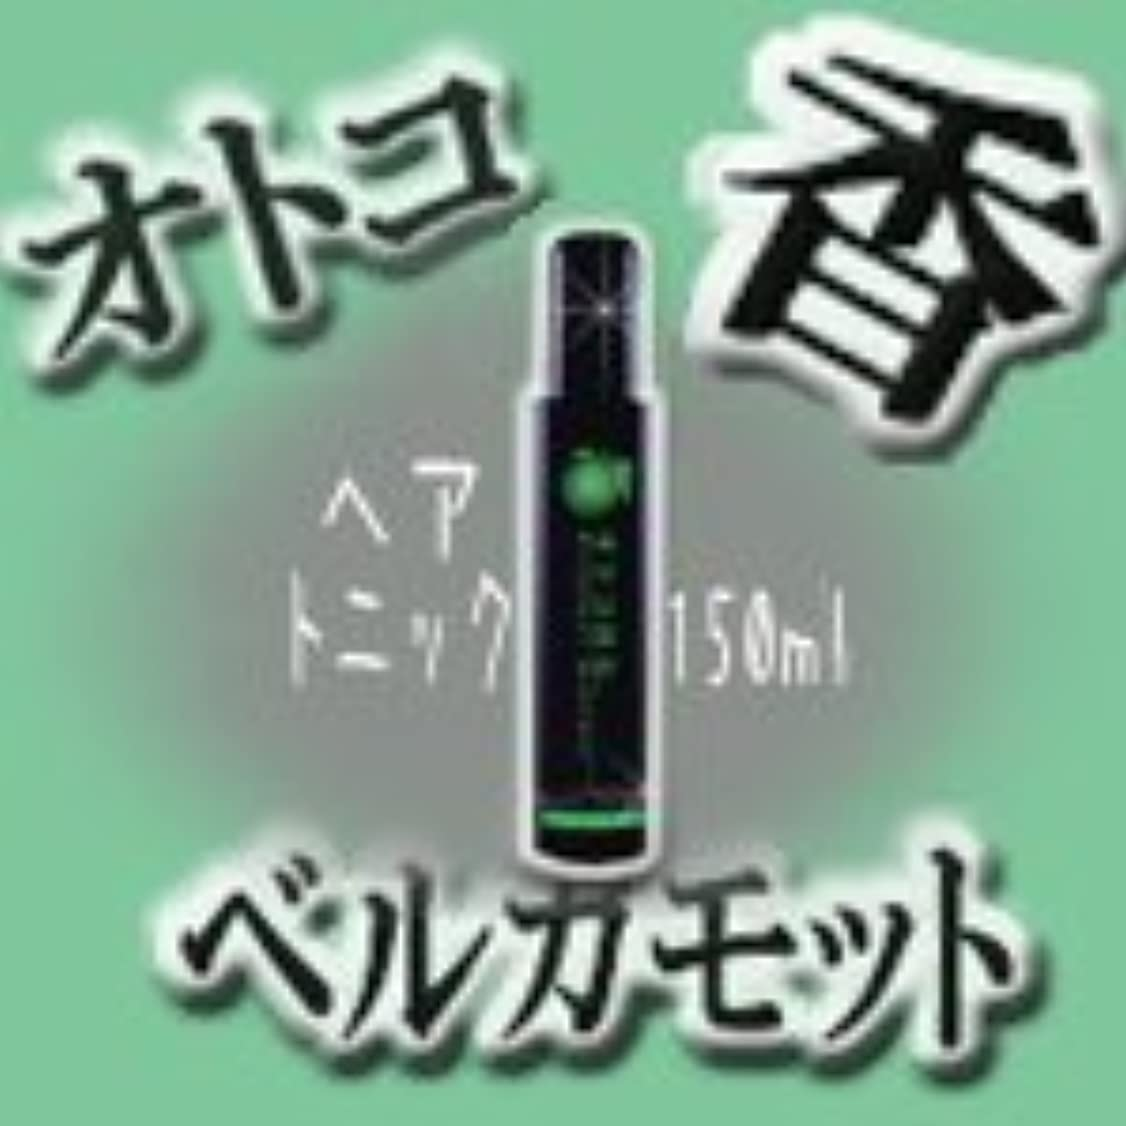 ナチュラル解任財布クラシエ オトコ香るトニック 【ベルガモット】 (ヘアトニック) 150mL